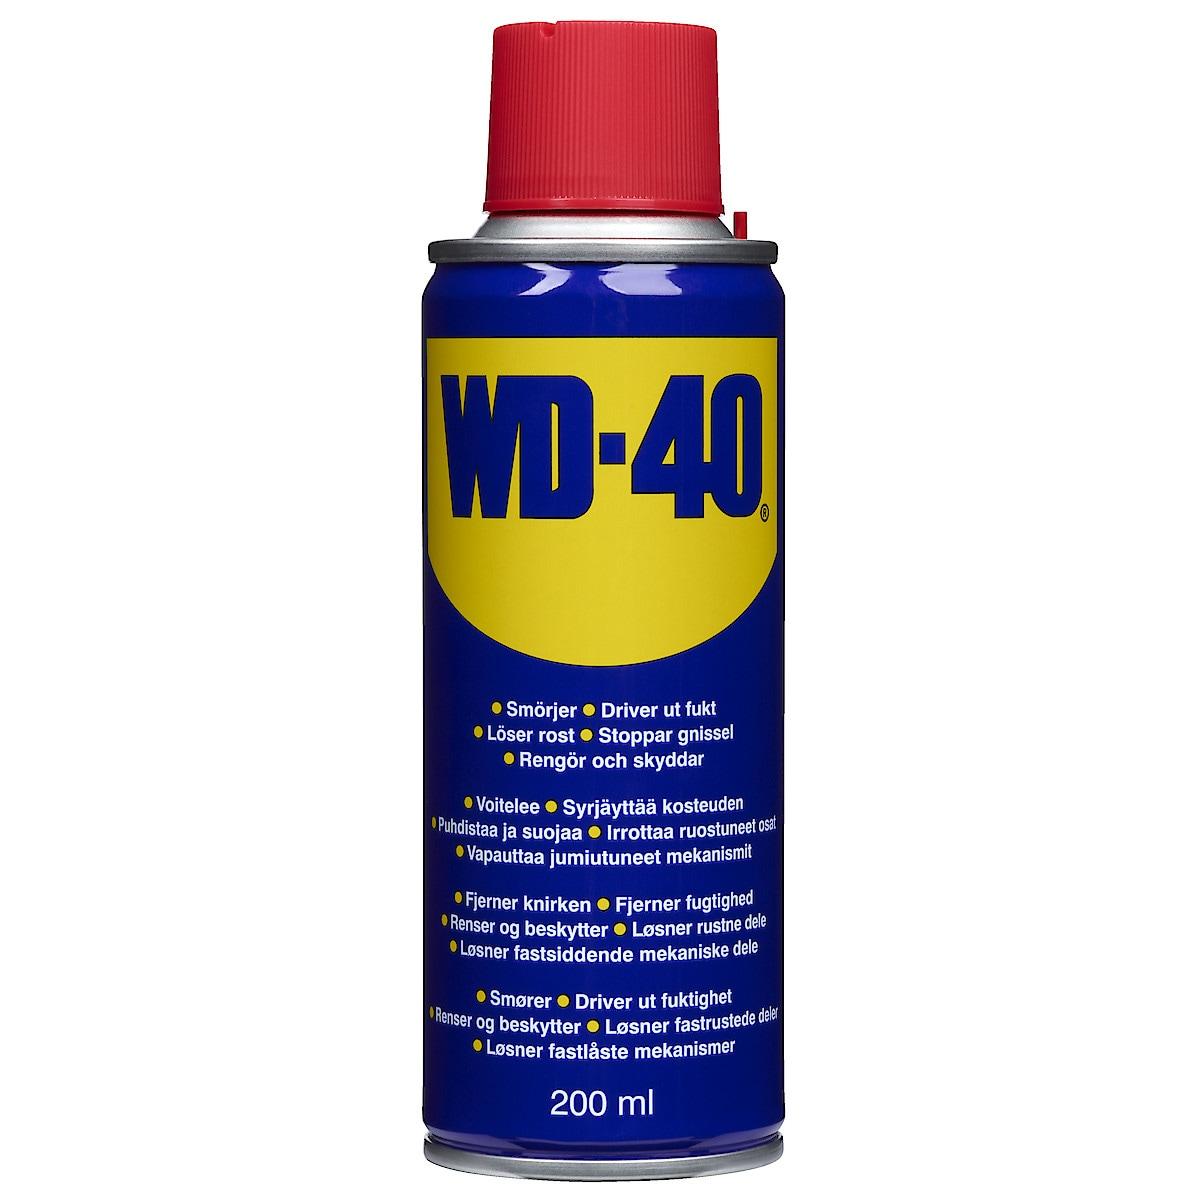 Rostolja WD-40, 200 ml